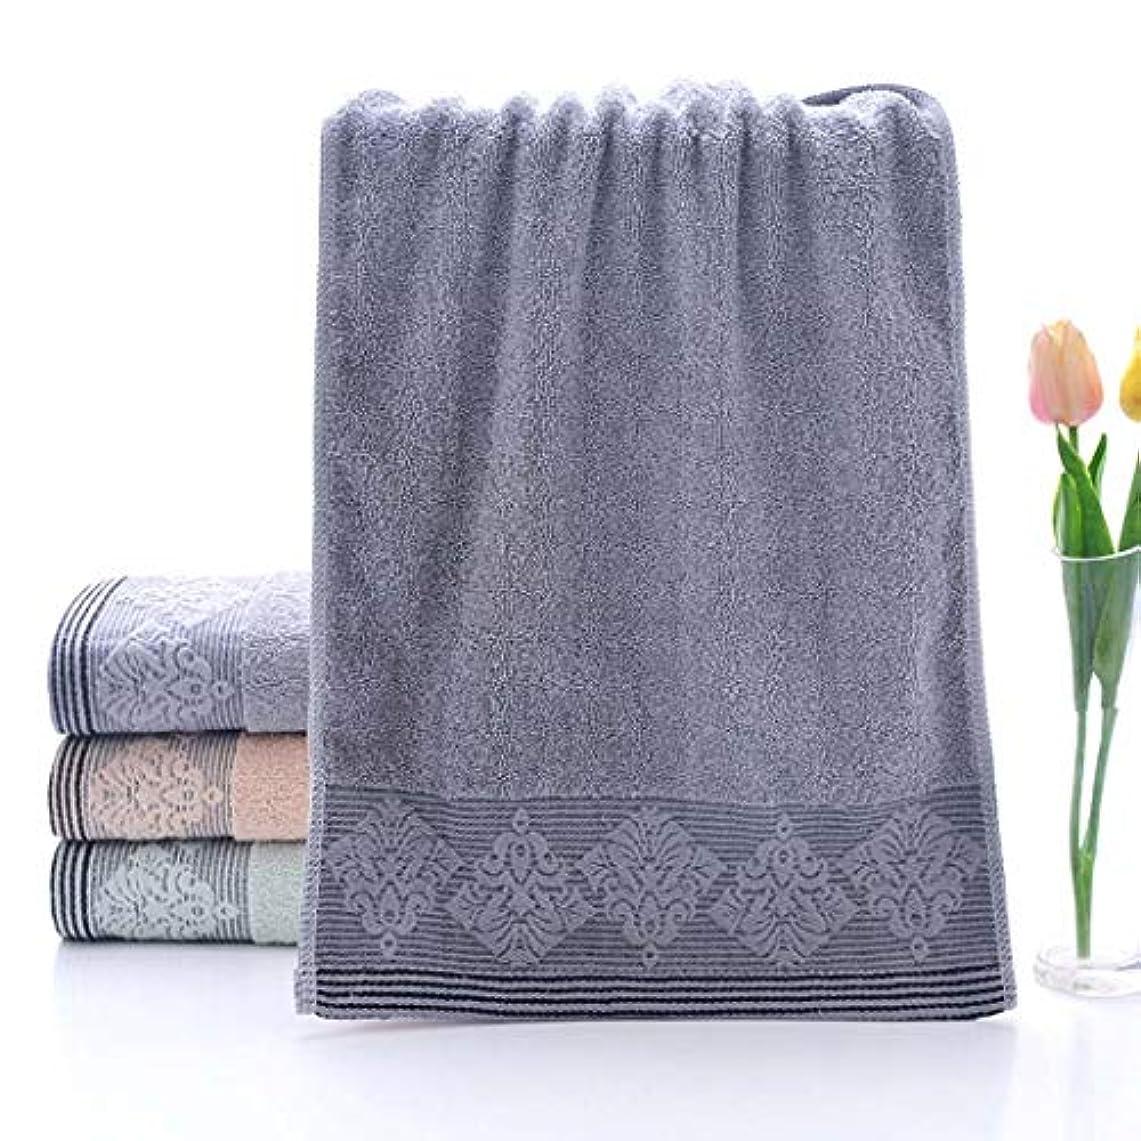 絶対に地雷原風刺綿のタオルの速い乾燥したタオルのスポーツタオルの容易な心配,Gray,33*73cm